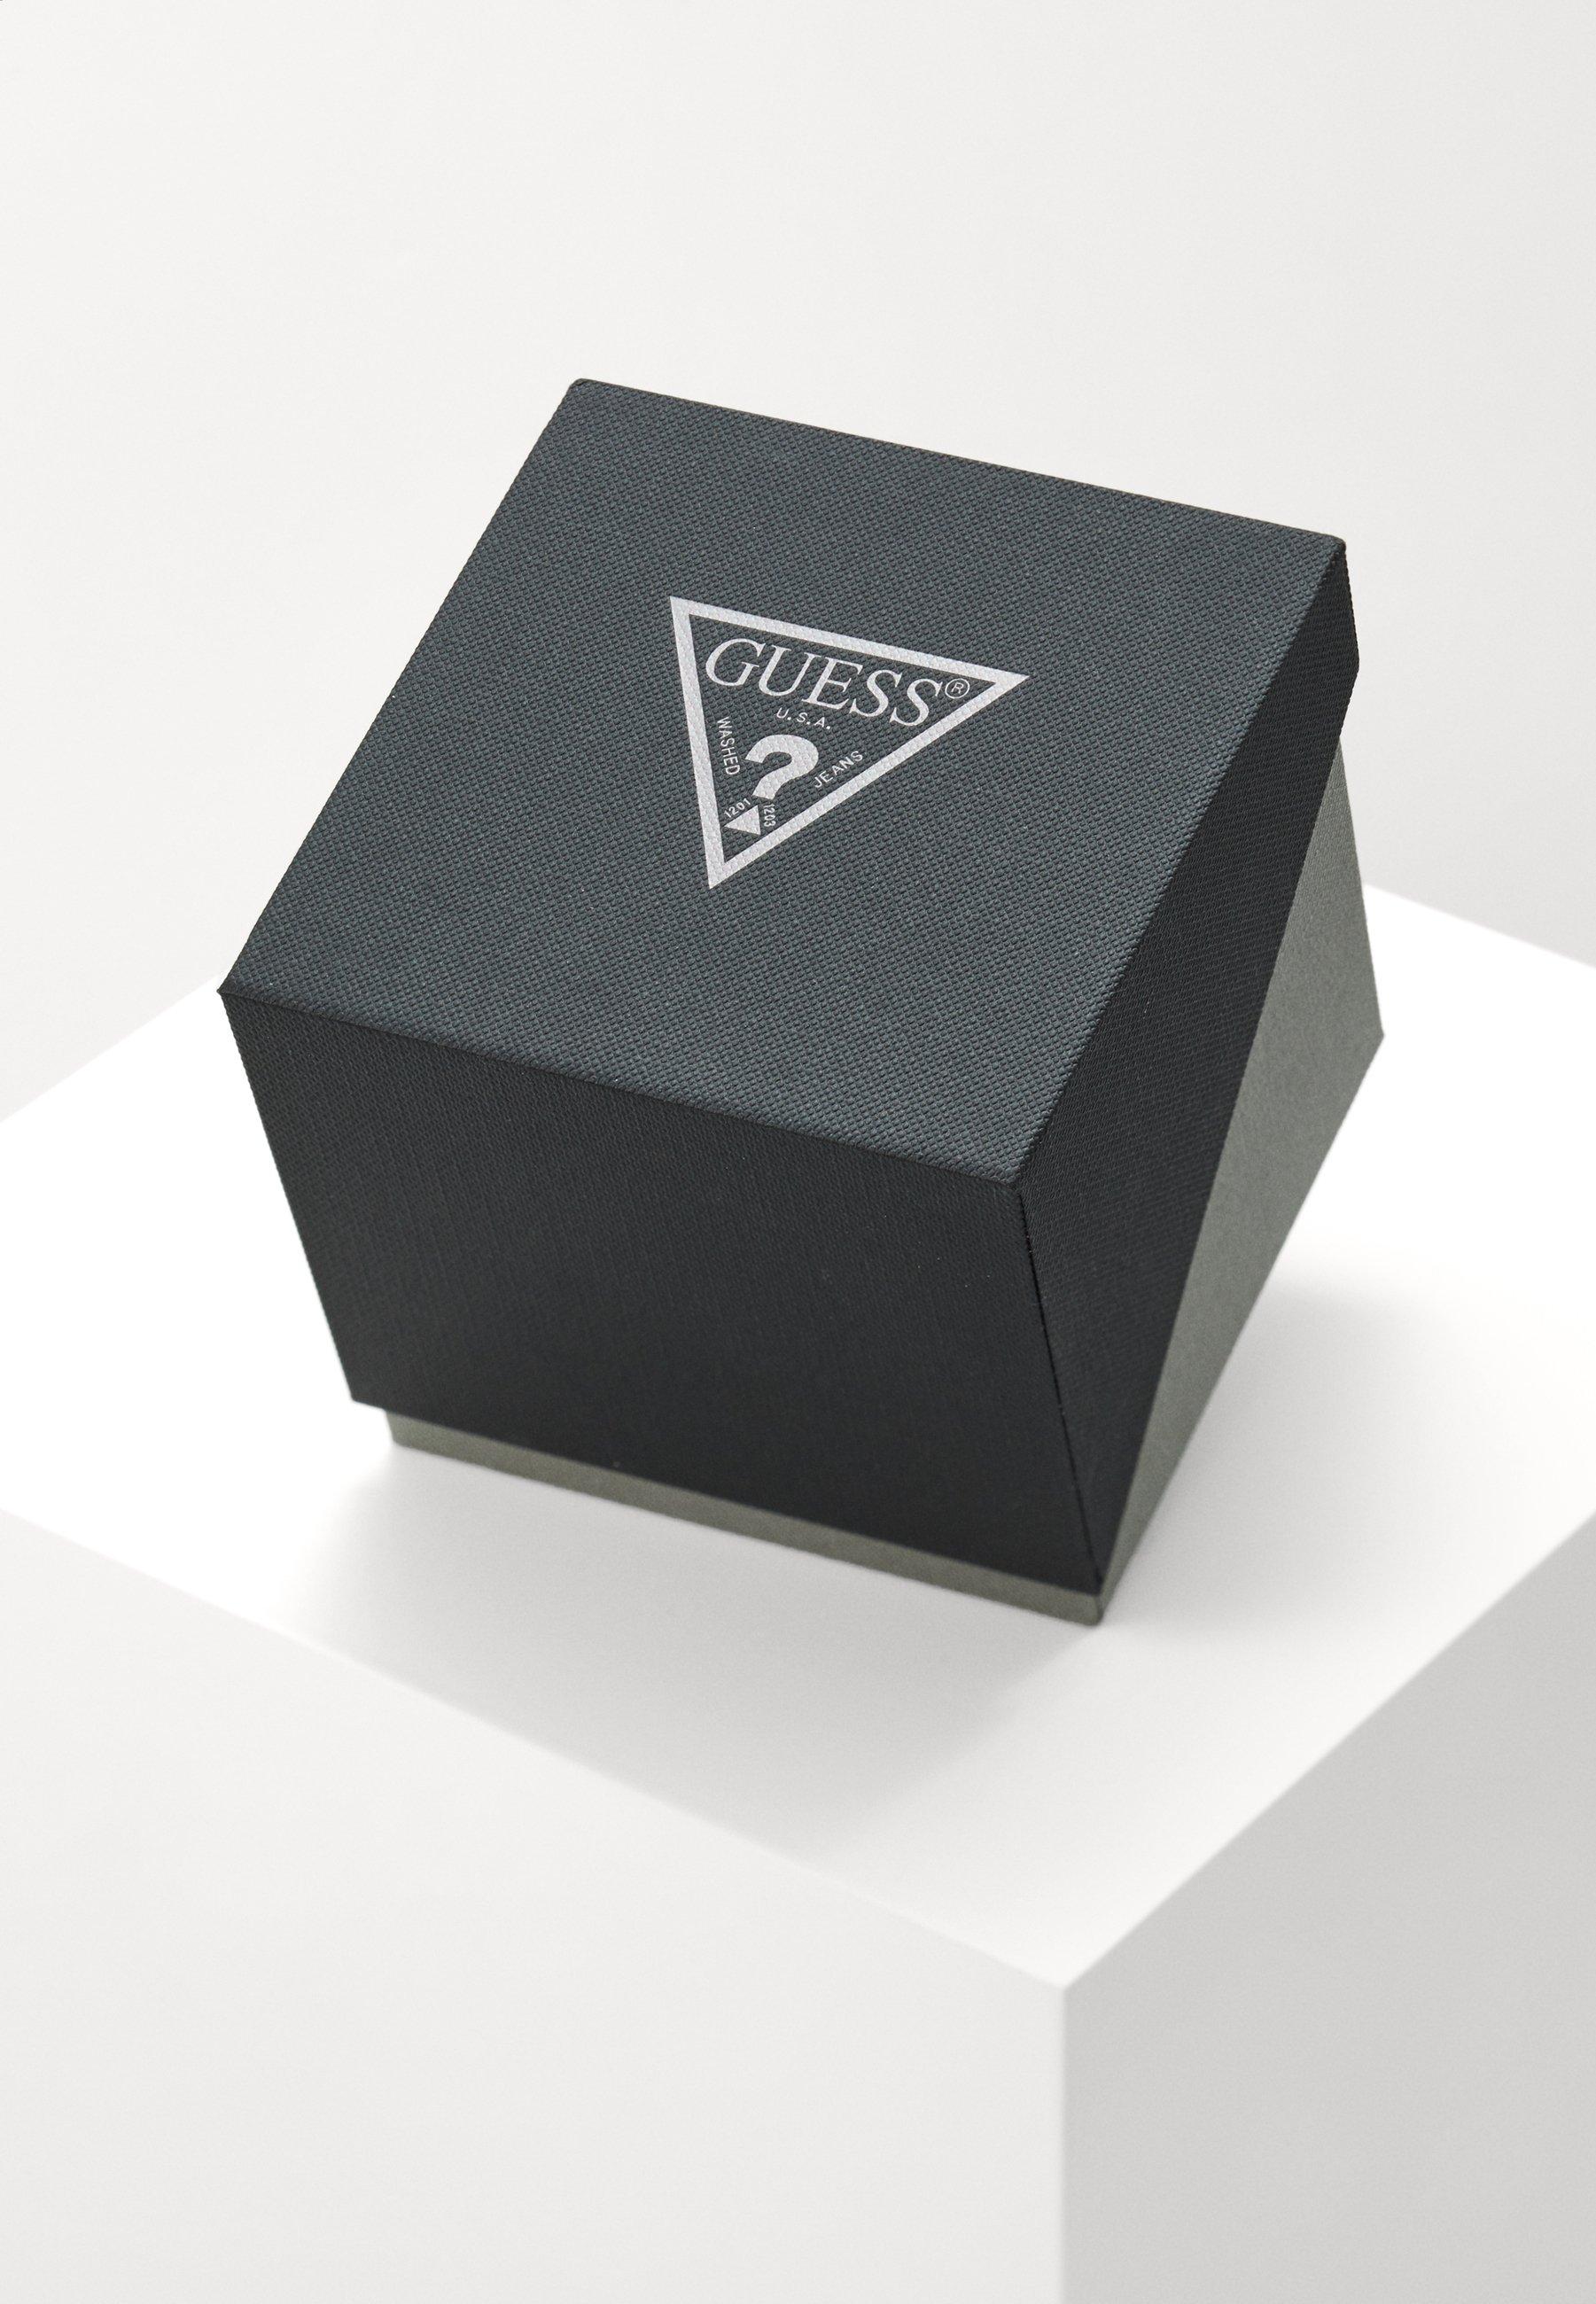 Guess Kronografklokke - black/svart aJW9TjJZM6t7Xsu